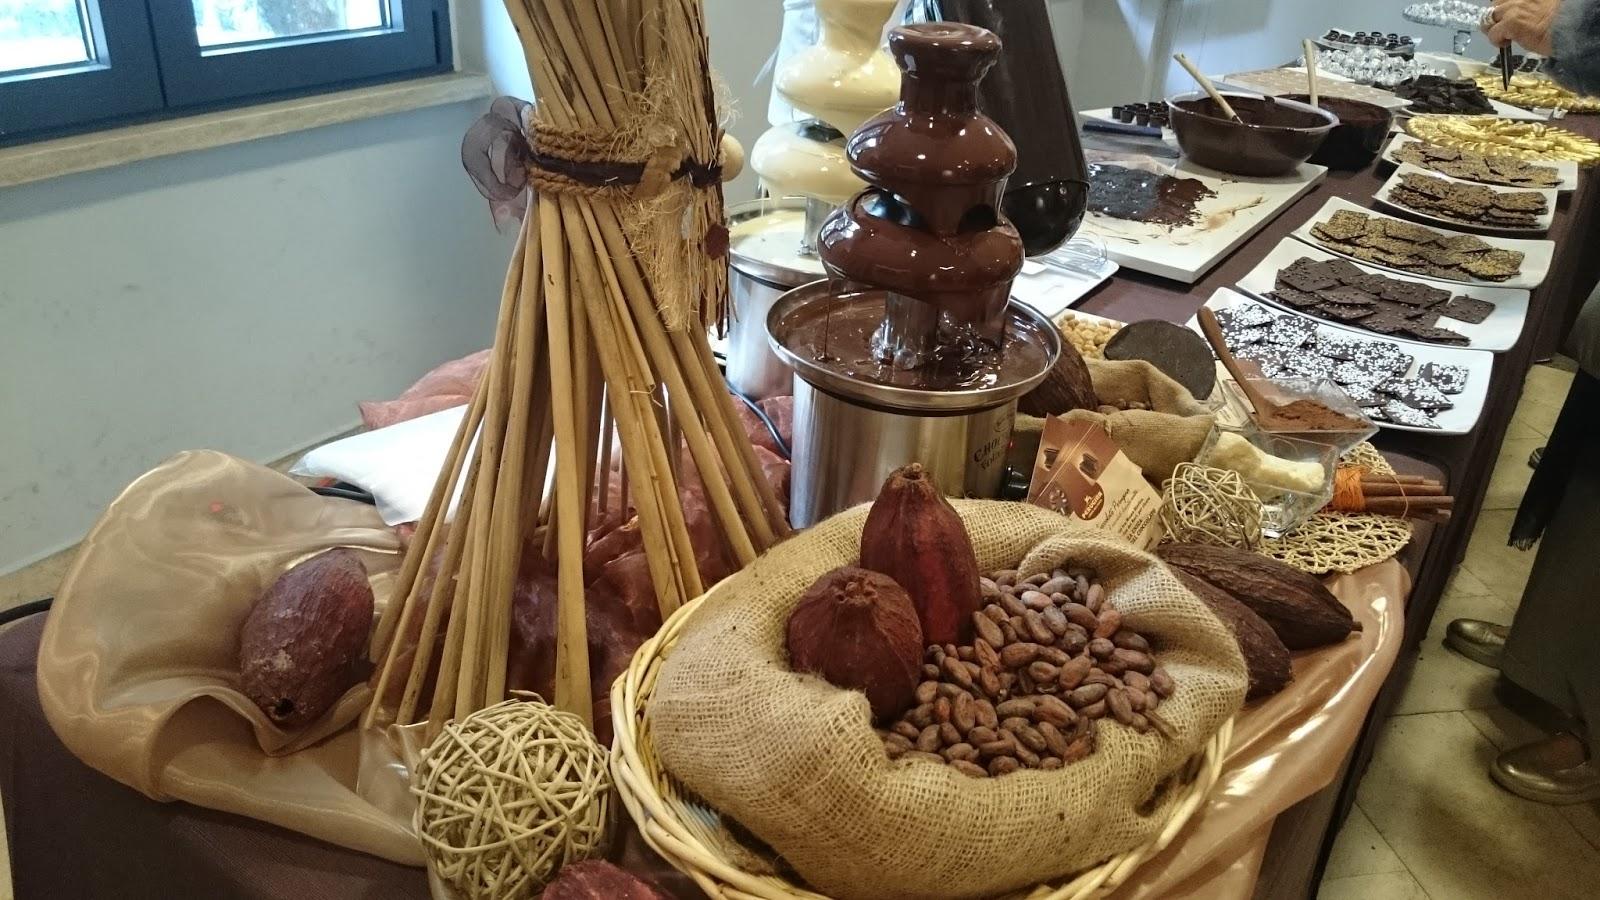 Tavola imbandita con un trionfo di Baci Perugina e cioccolatini vari a362ebcd742